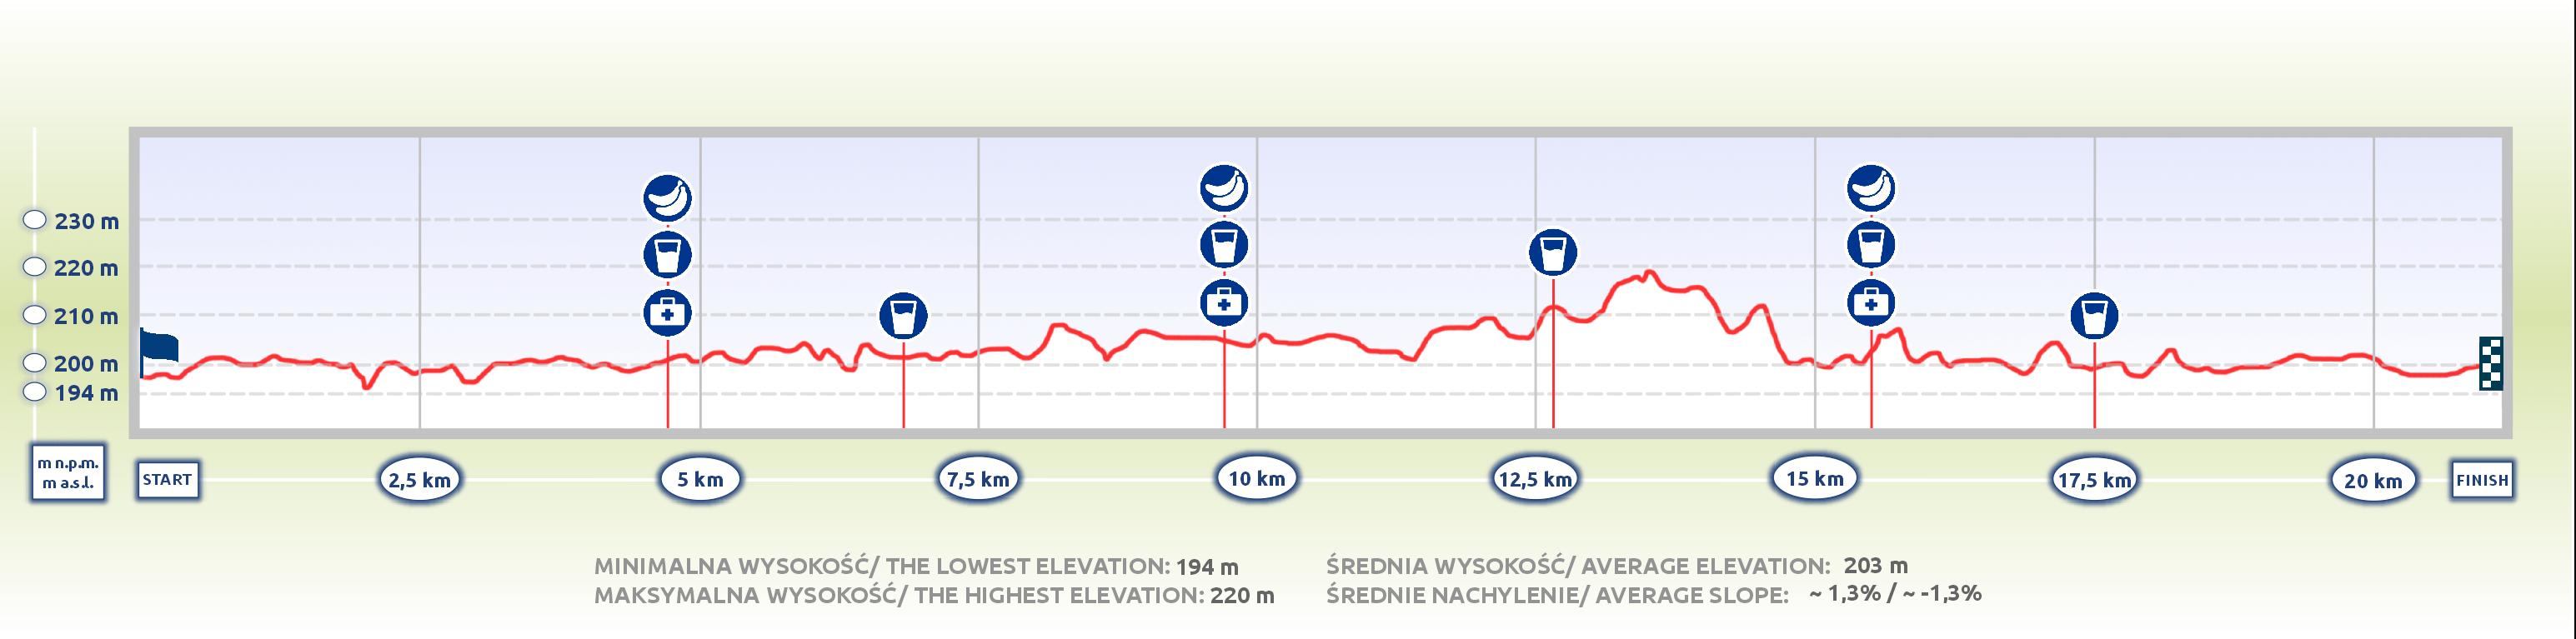 5. PZU Półmaraton Cracovii - profil topograficzny